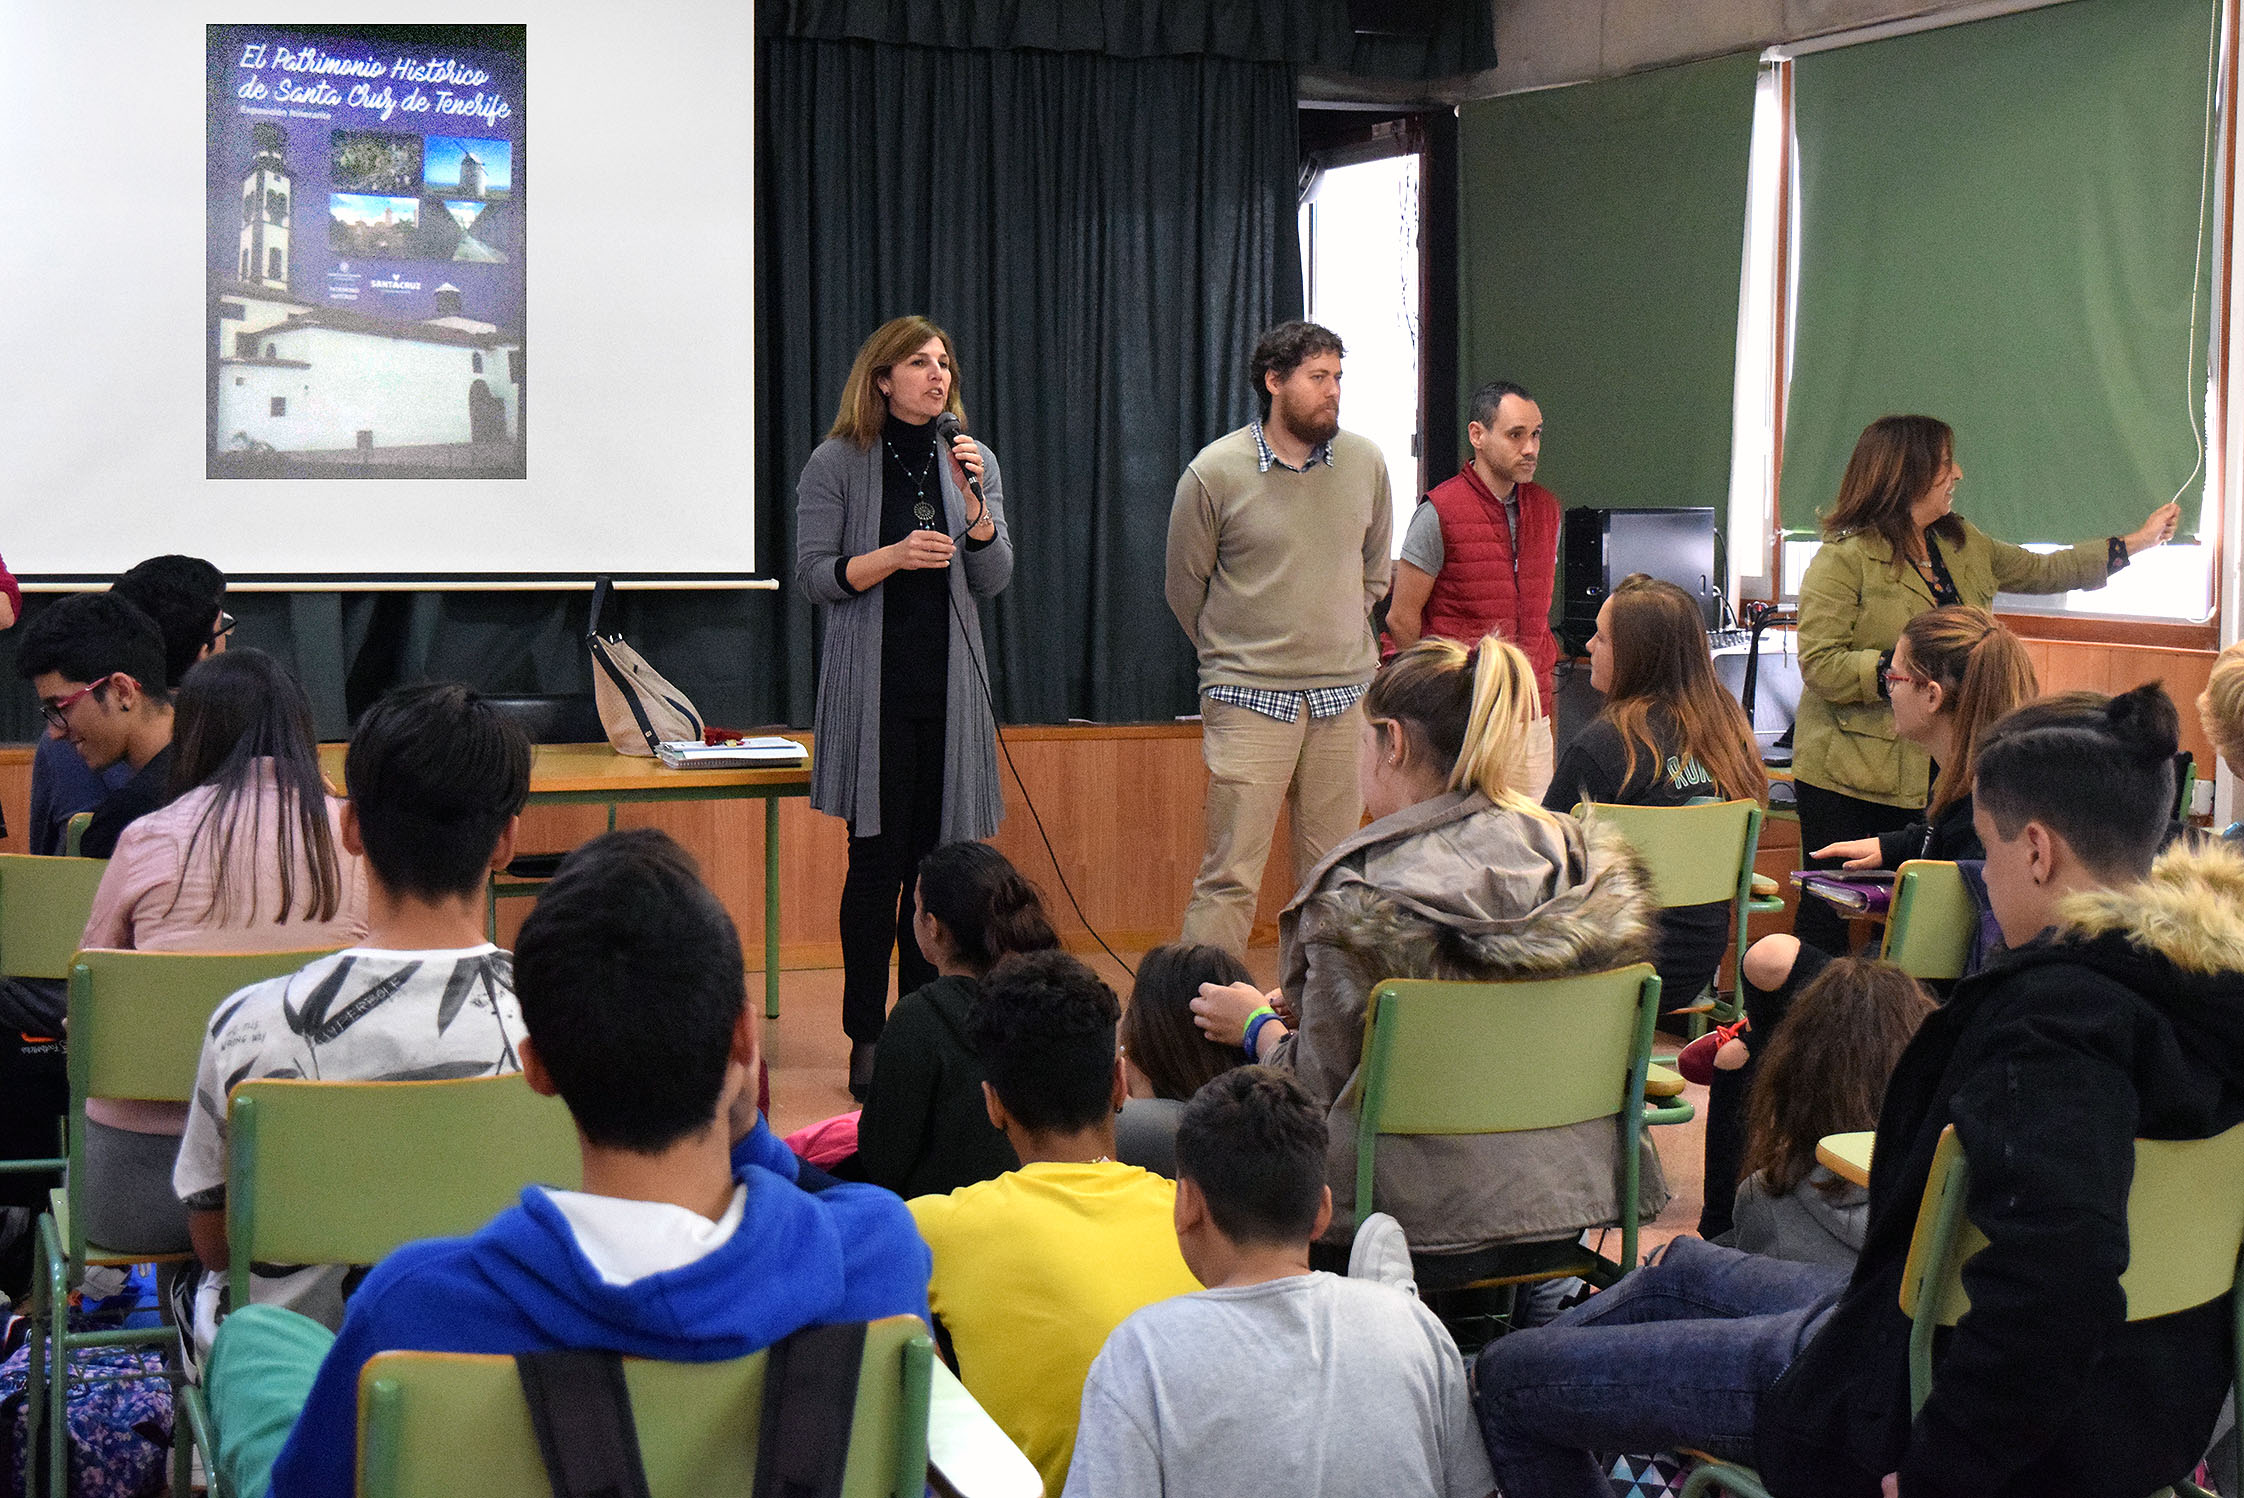 Alumnos en la exposición sobre patrimonio histórico de Santa Cruz